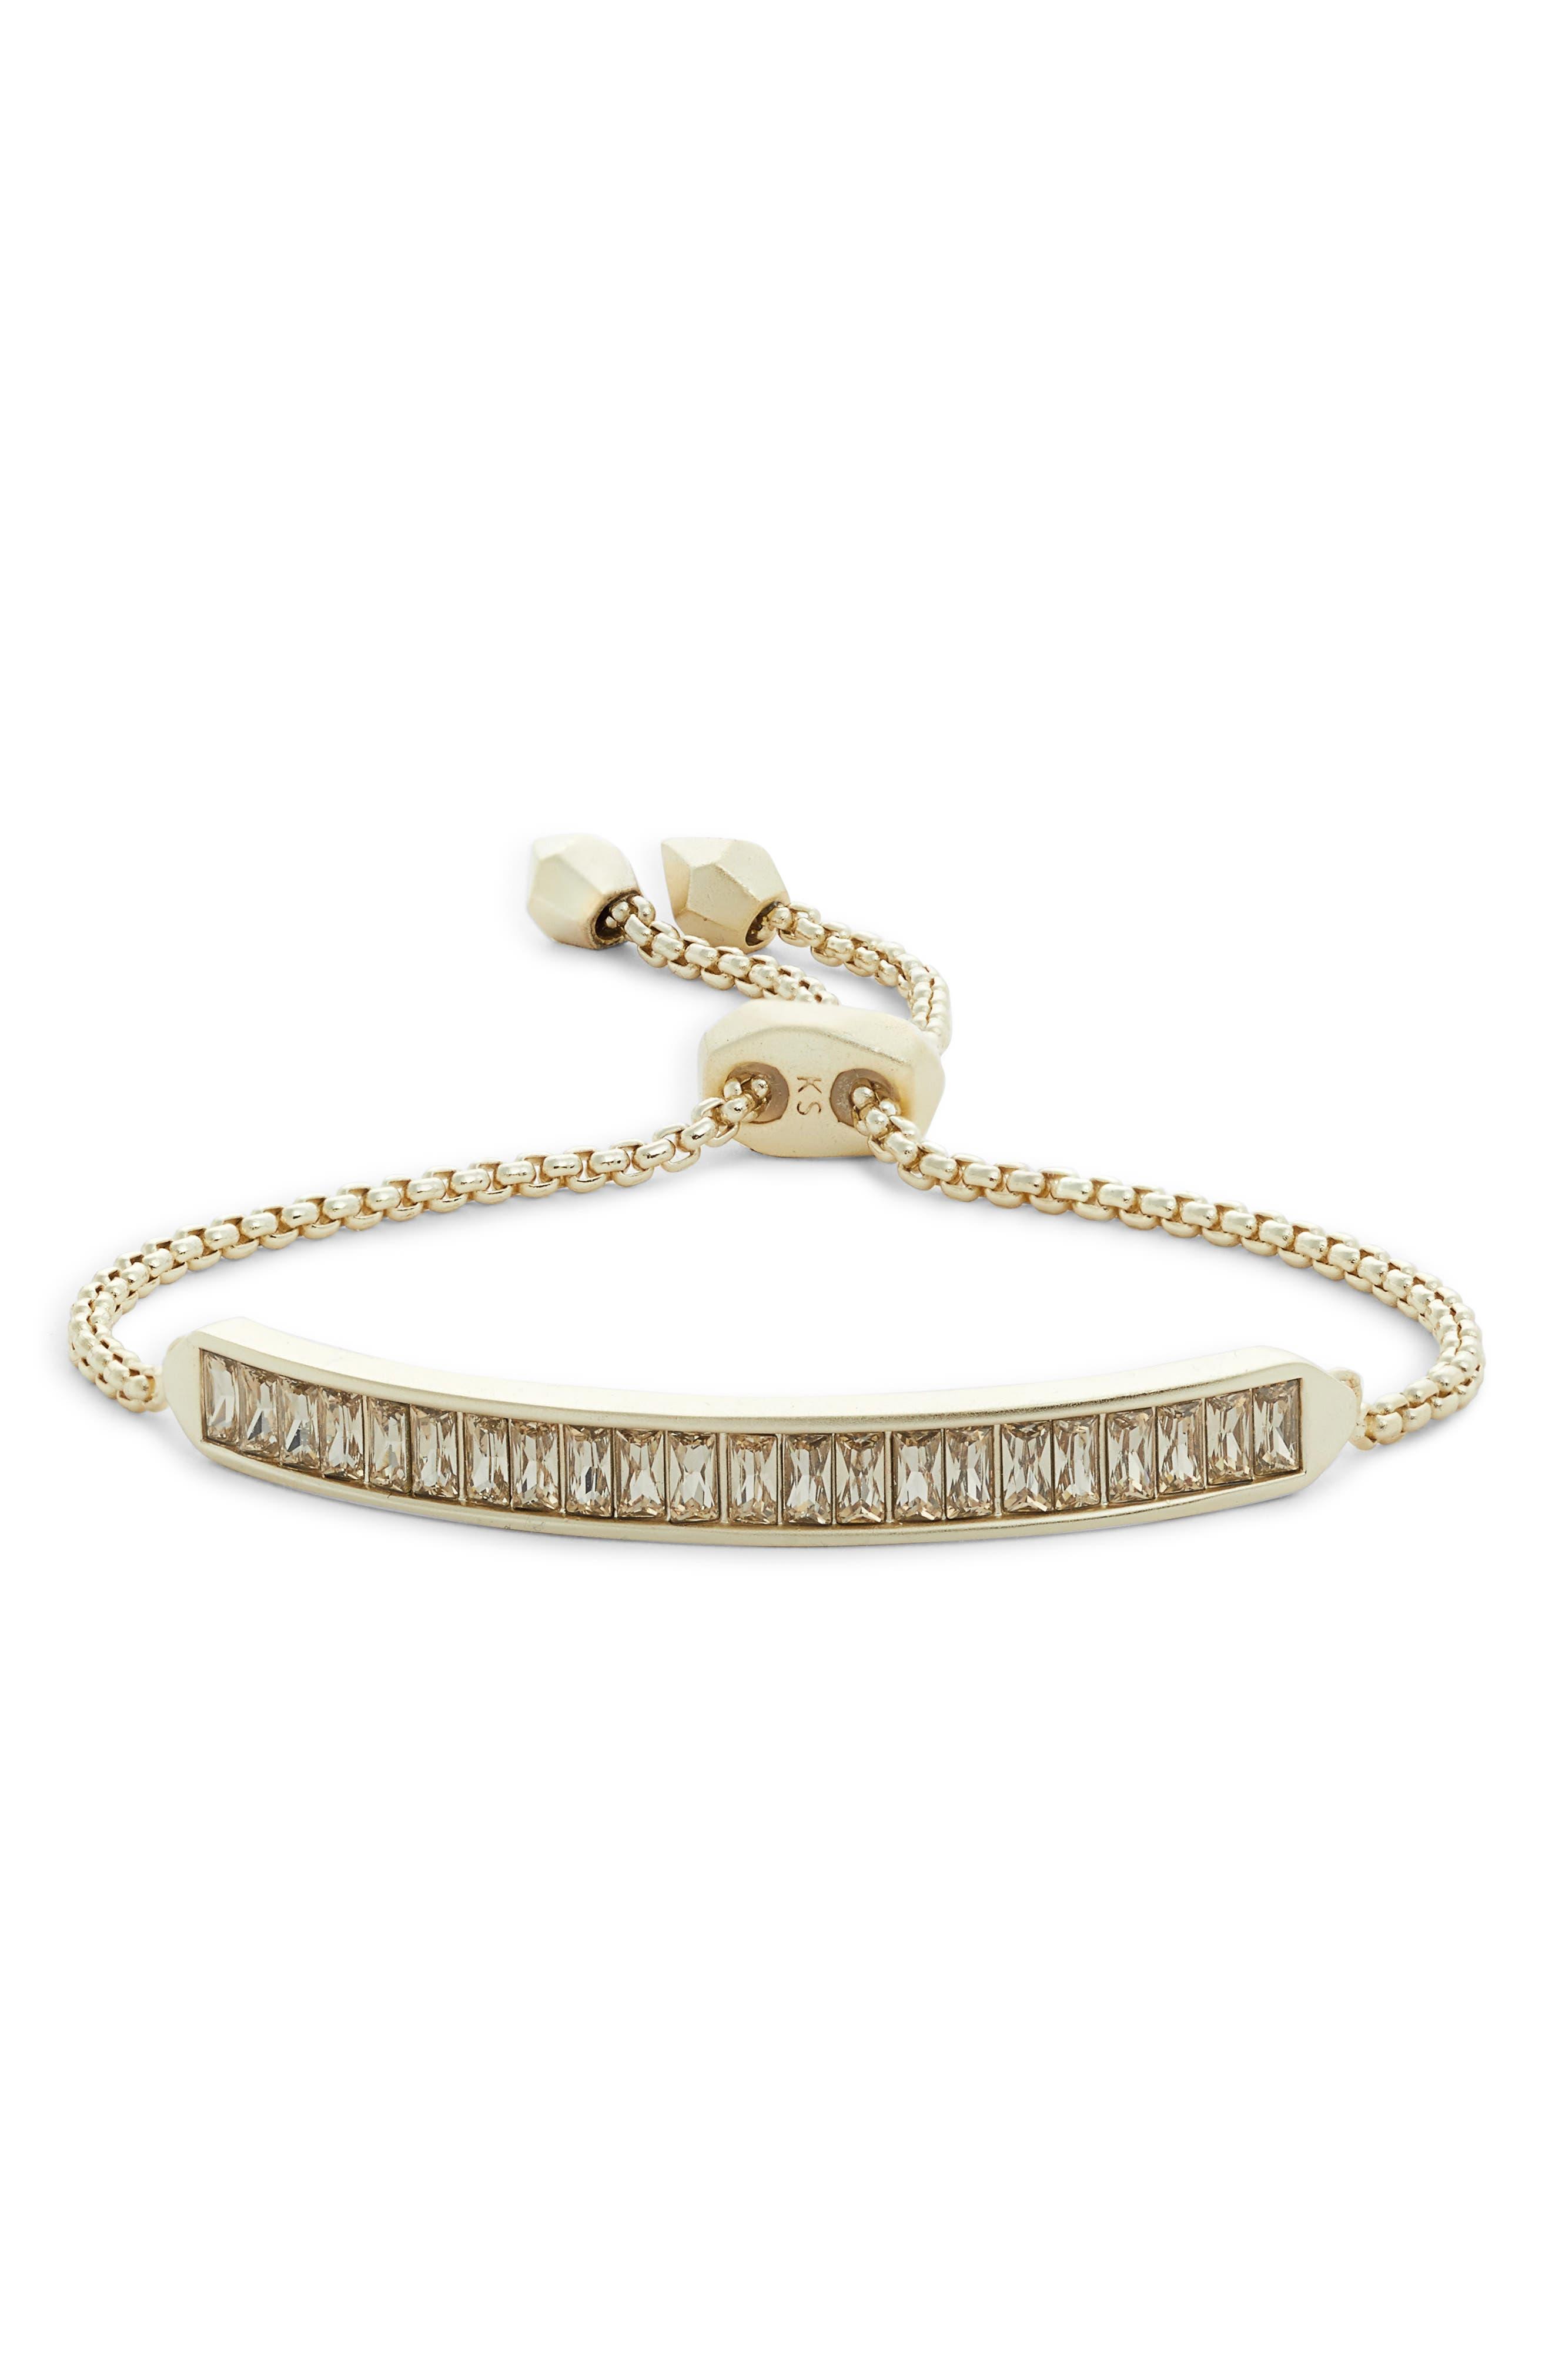 KENDRA SCOTT Jack Baguette Bar Slider Bracelet in Smoky Crystal/ Gold